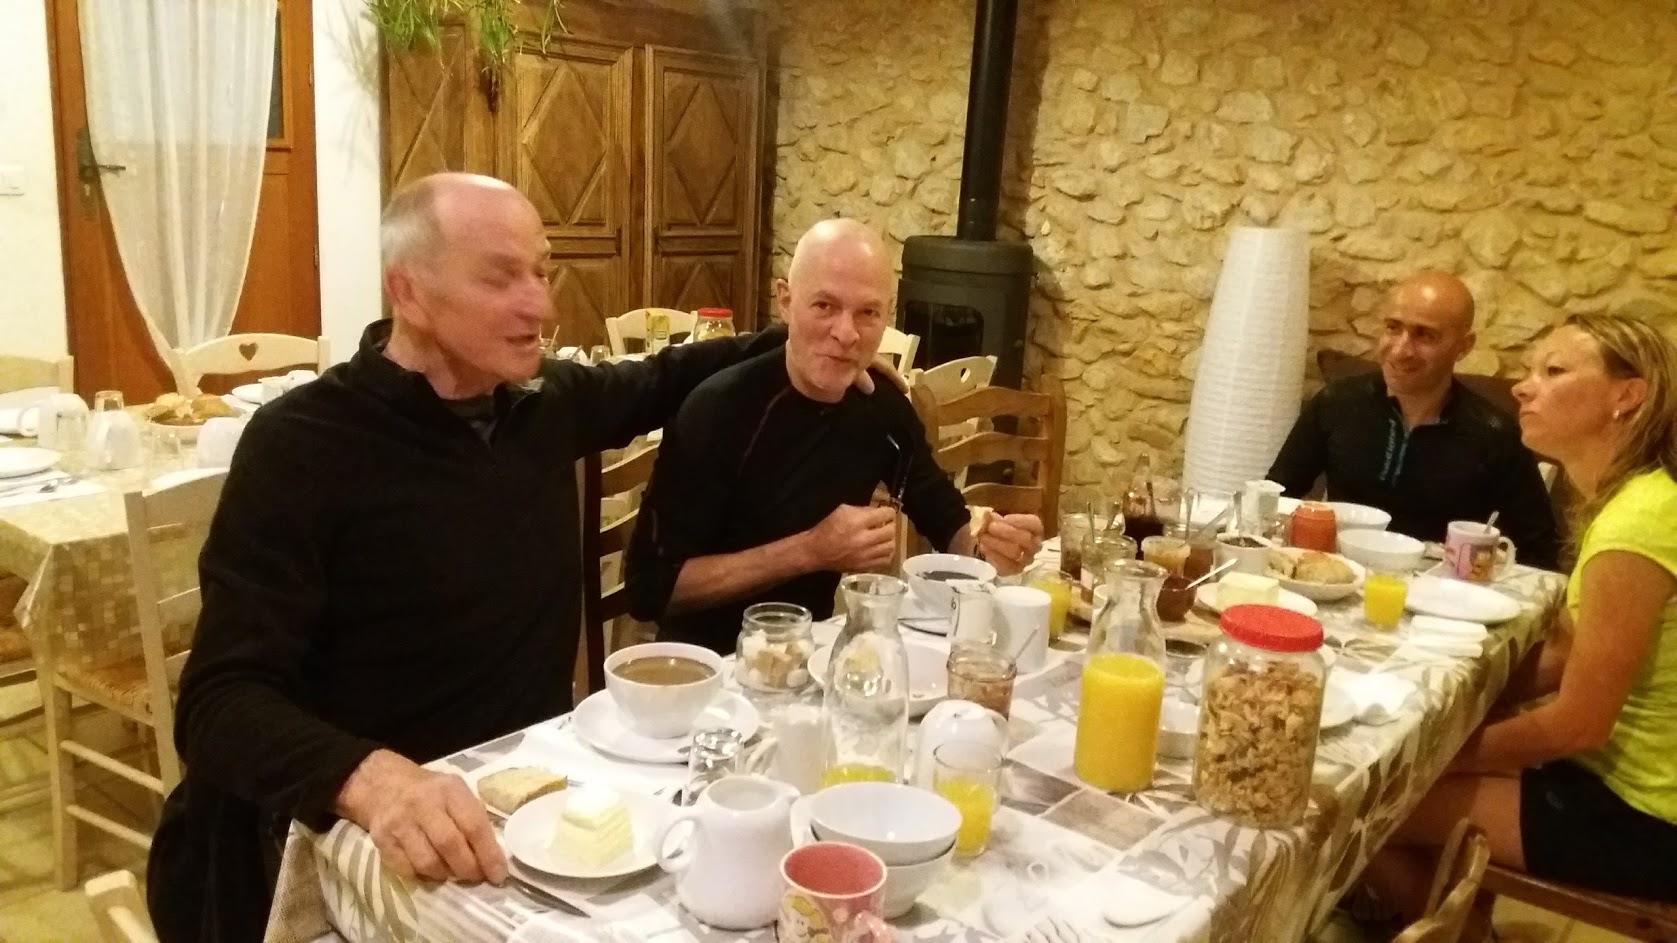 loucardalines-chambres d hôtes-trial-ventoux-petit déjeuné-sprotif-st colombe-gite